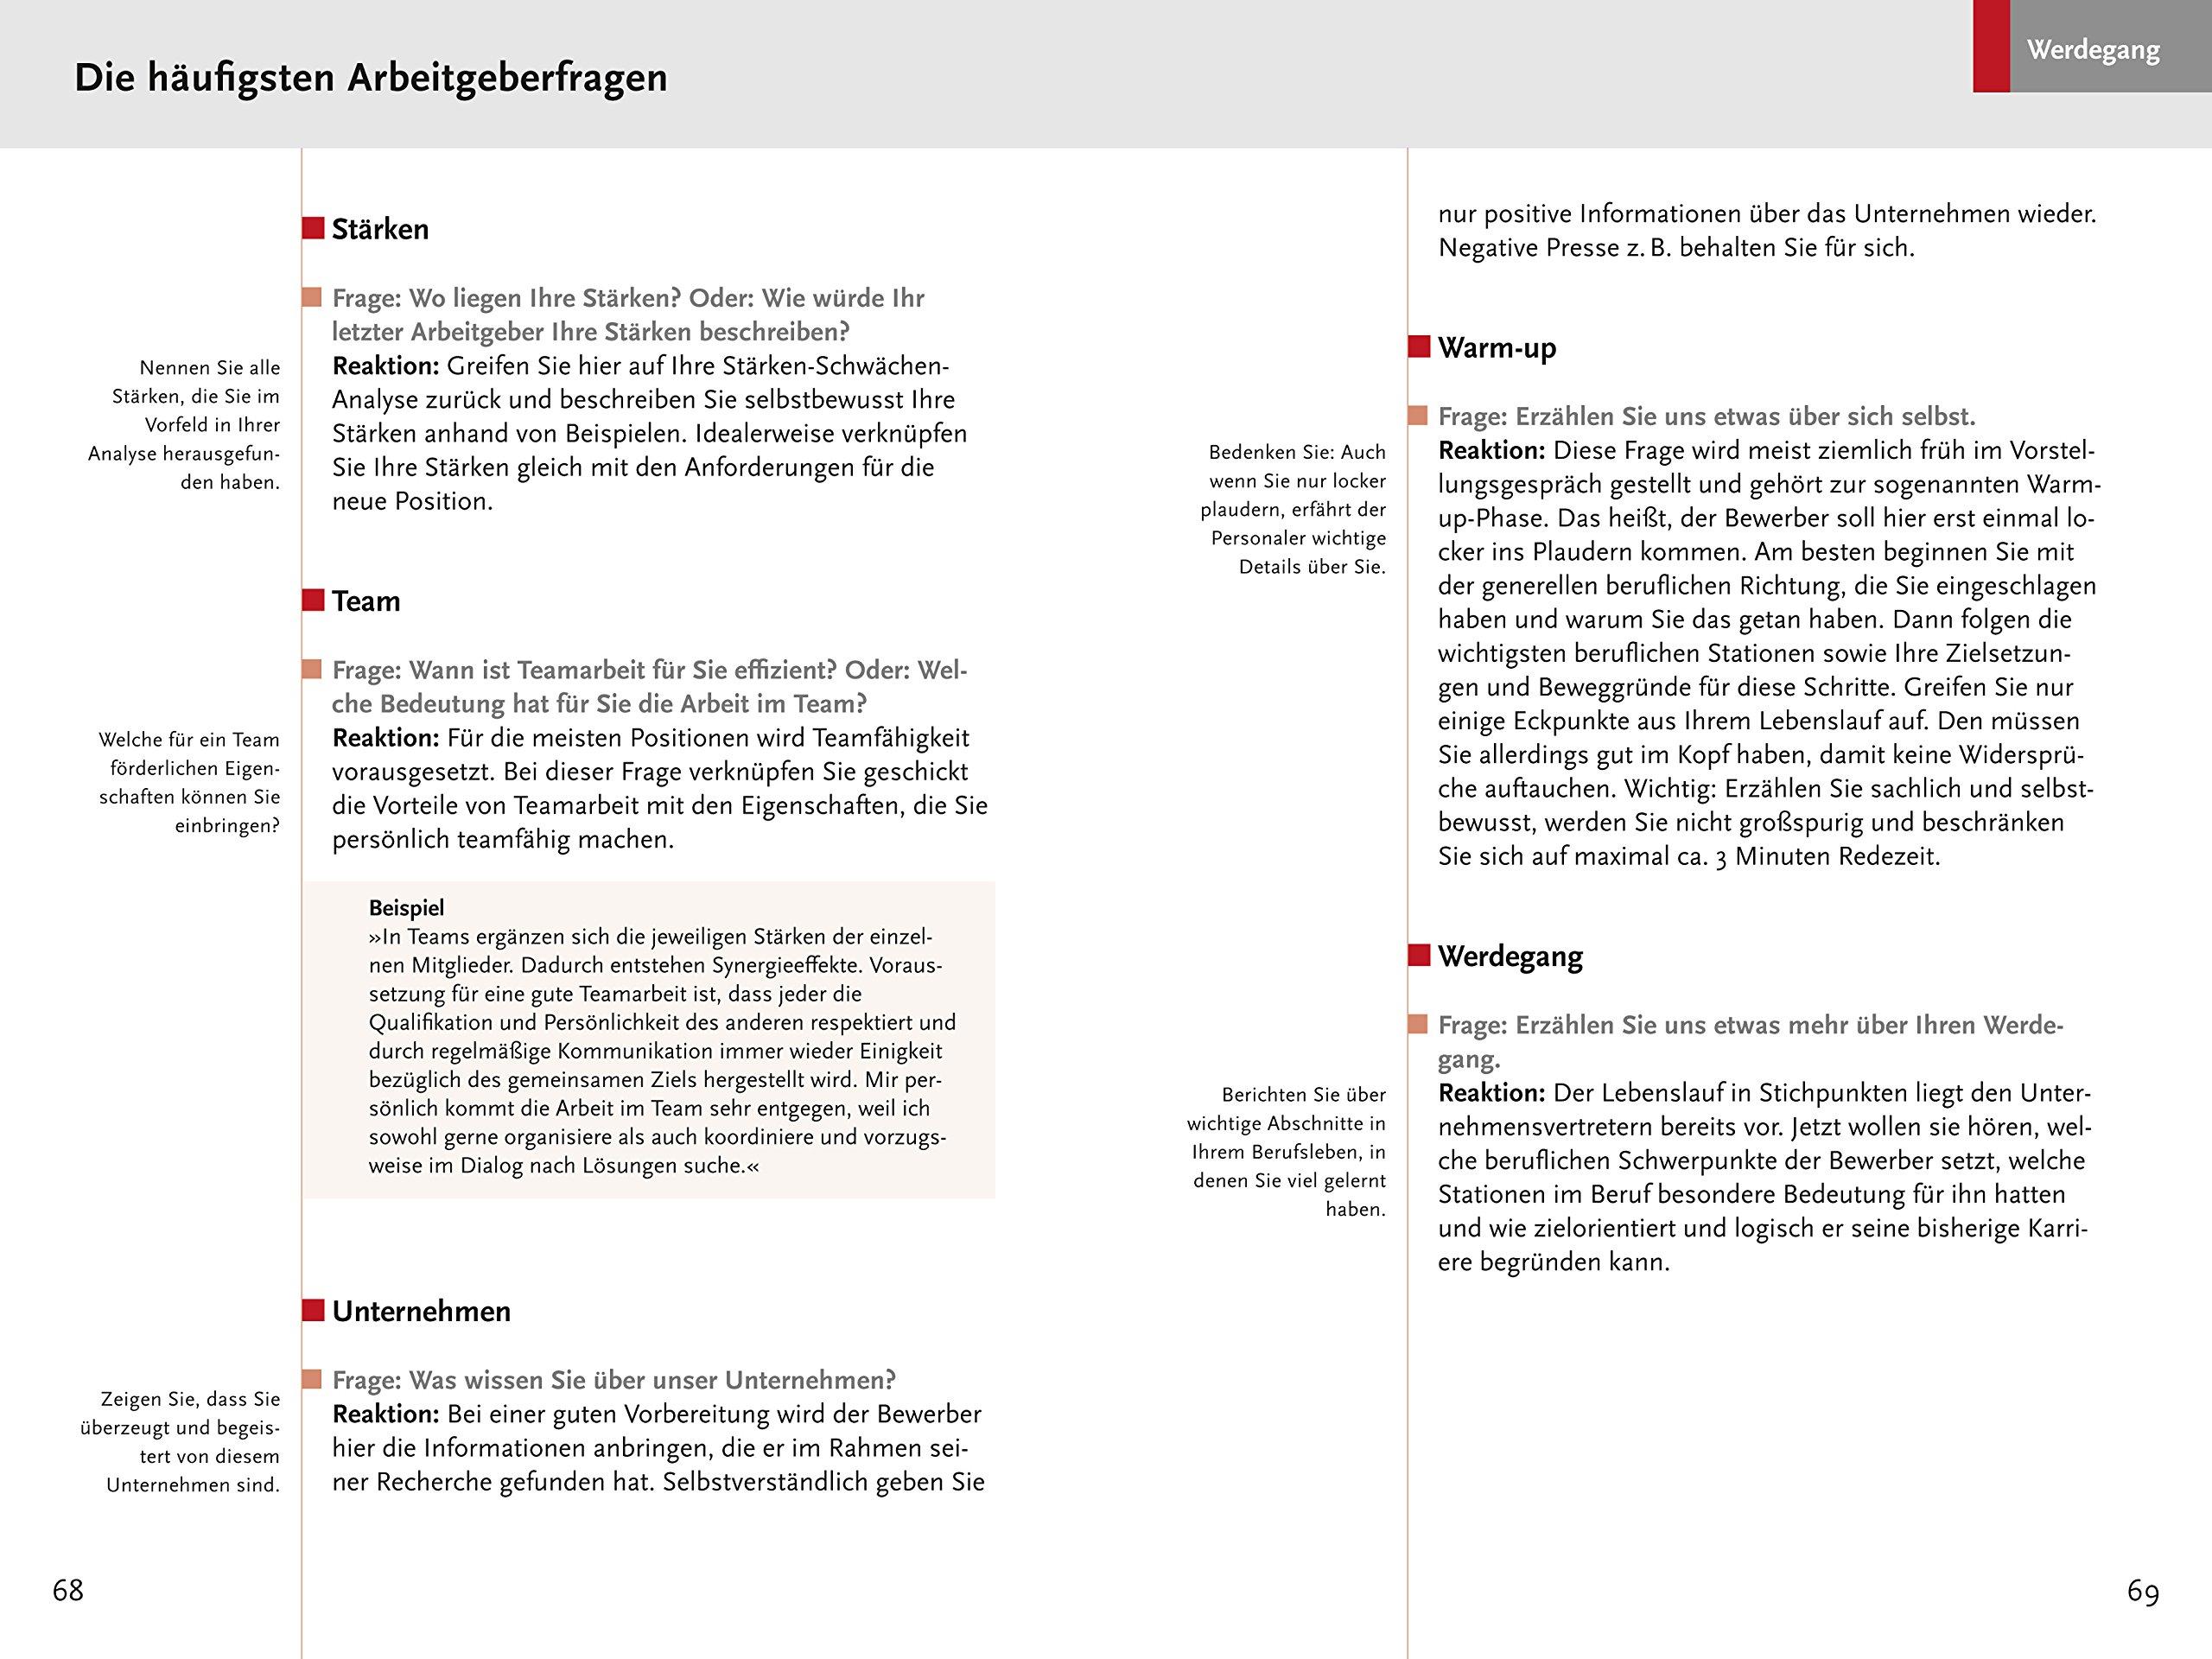 duden ratgeber das erfolgreiche vorstellungsgesprch von der optimalen vorbereitung zur souvernen selbstprsentation amazoncouk 9783411741427 books - Selbstprasentation Vorstellungsgesprach Beispiel